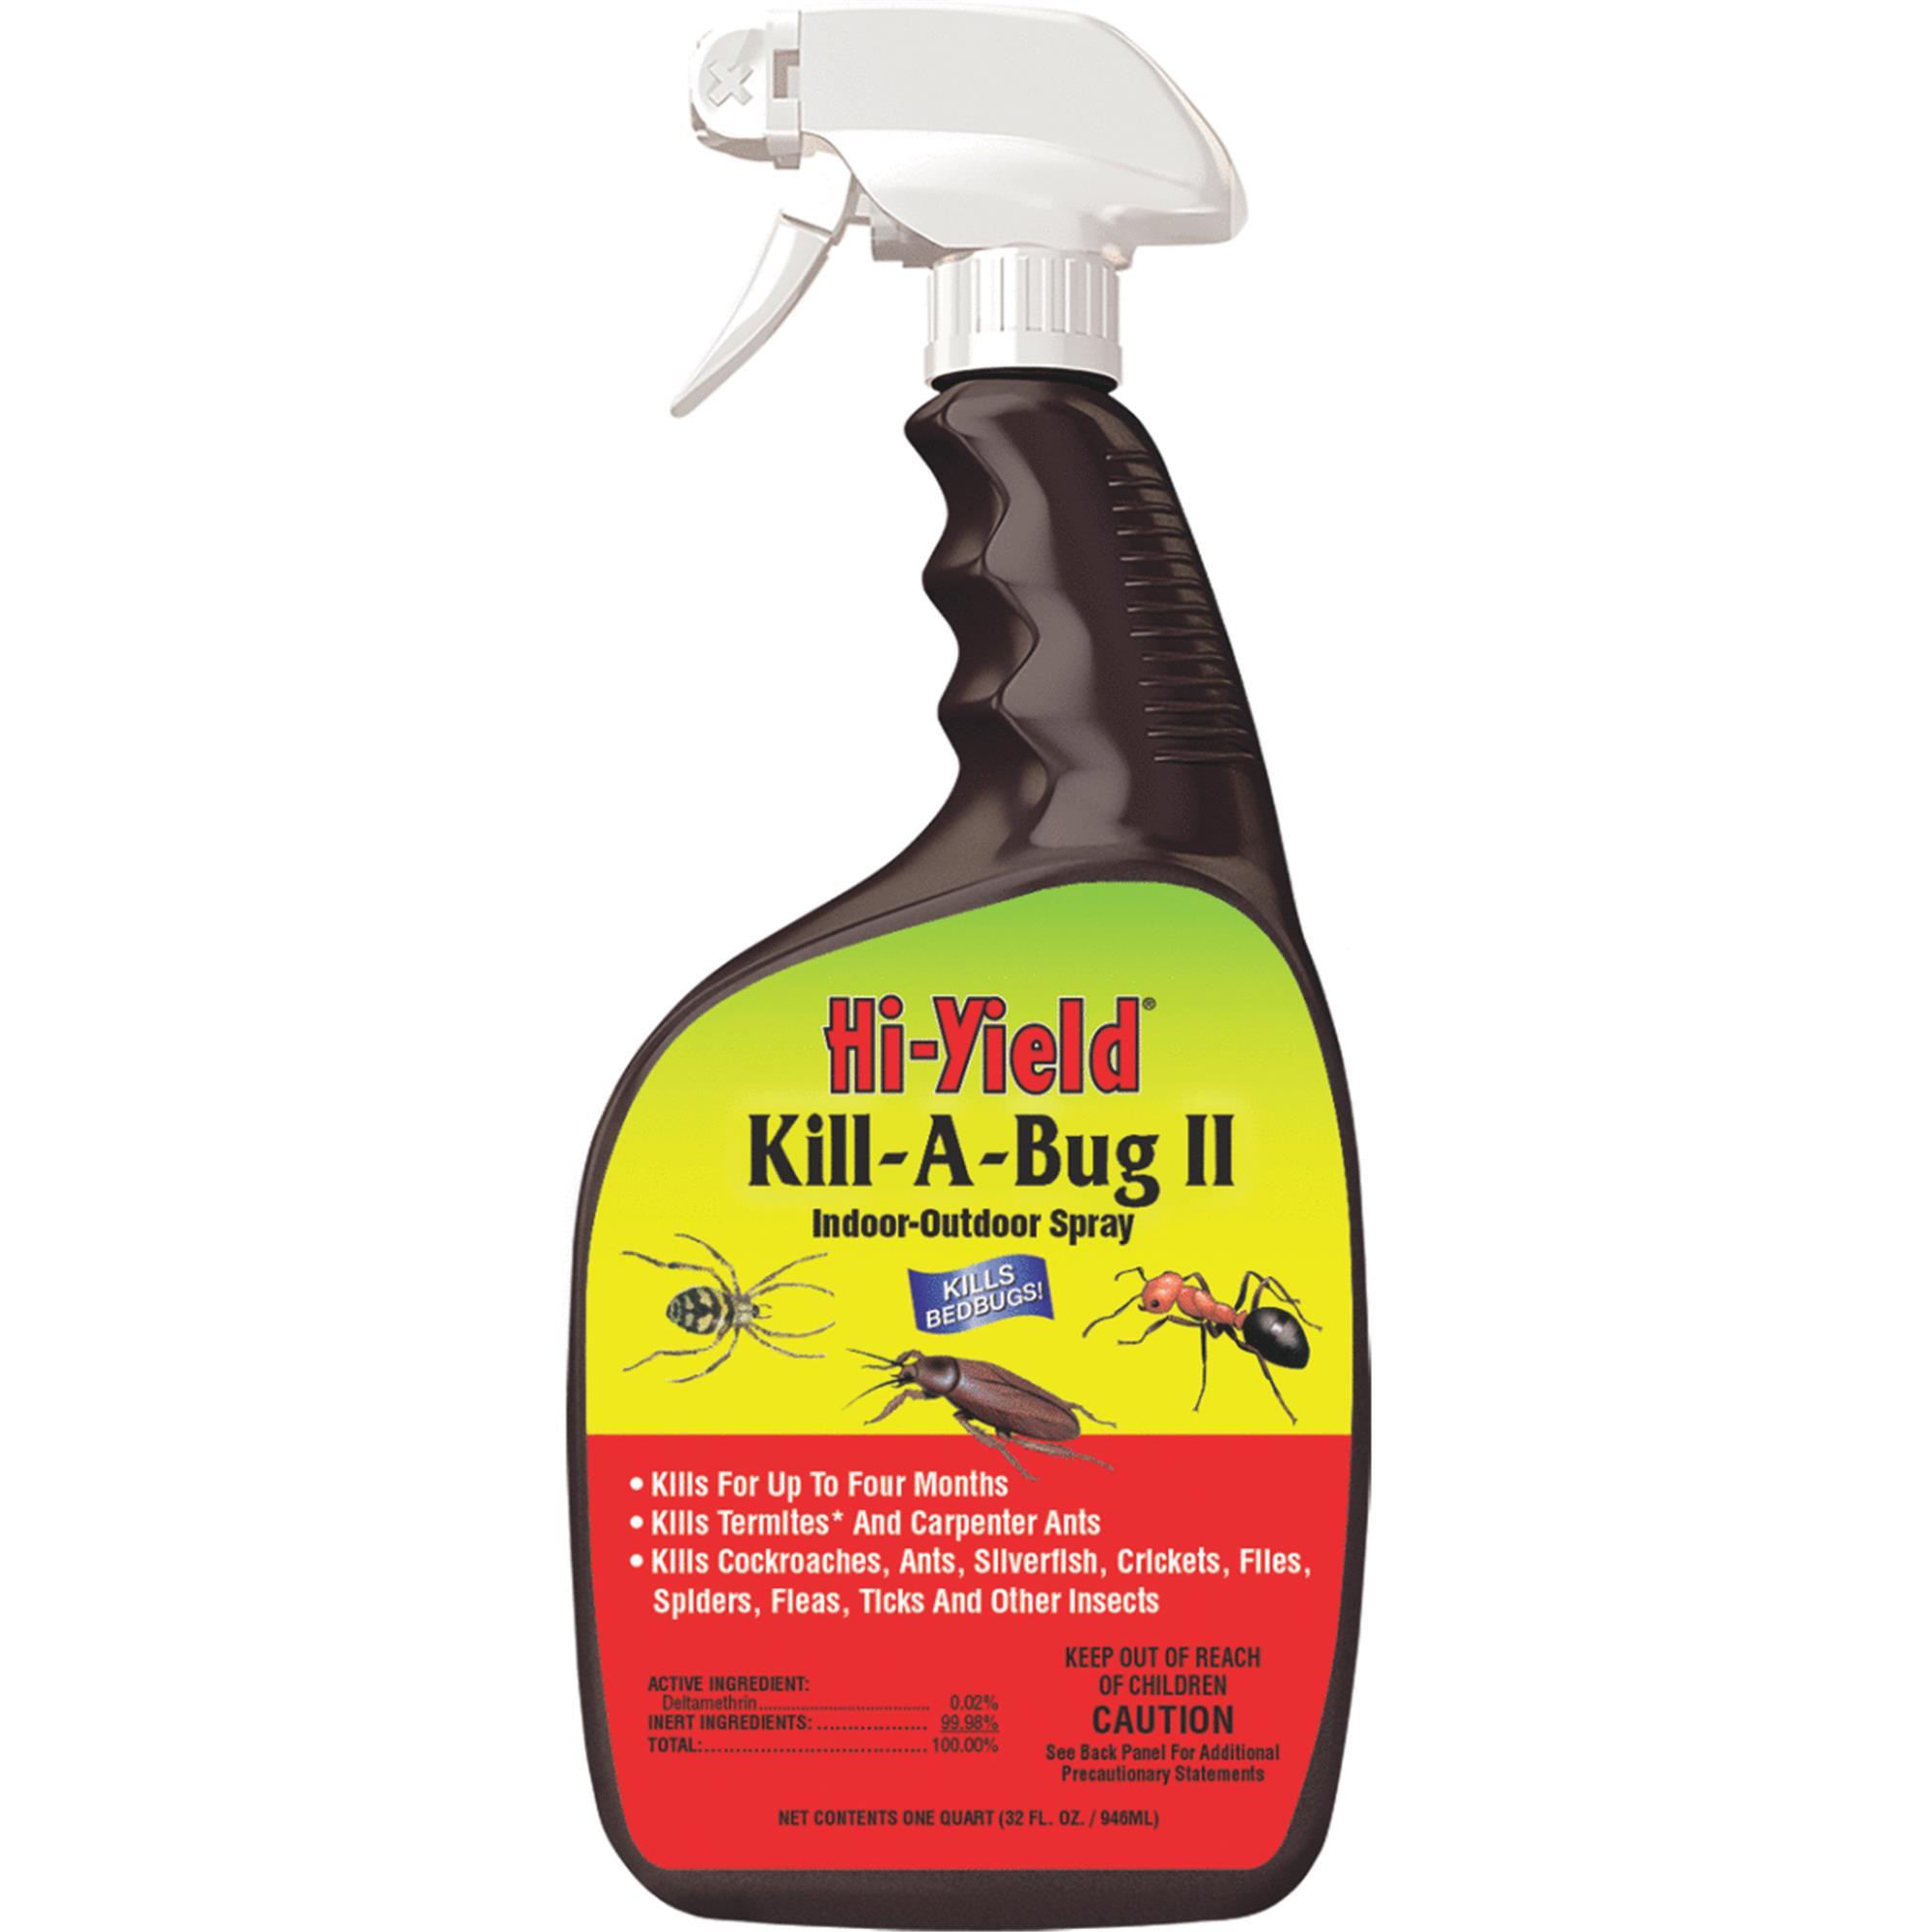 Hi-Yield Kill-A-Bug II Insect Killer